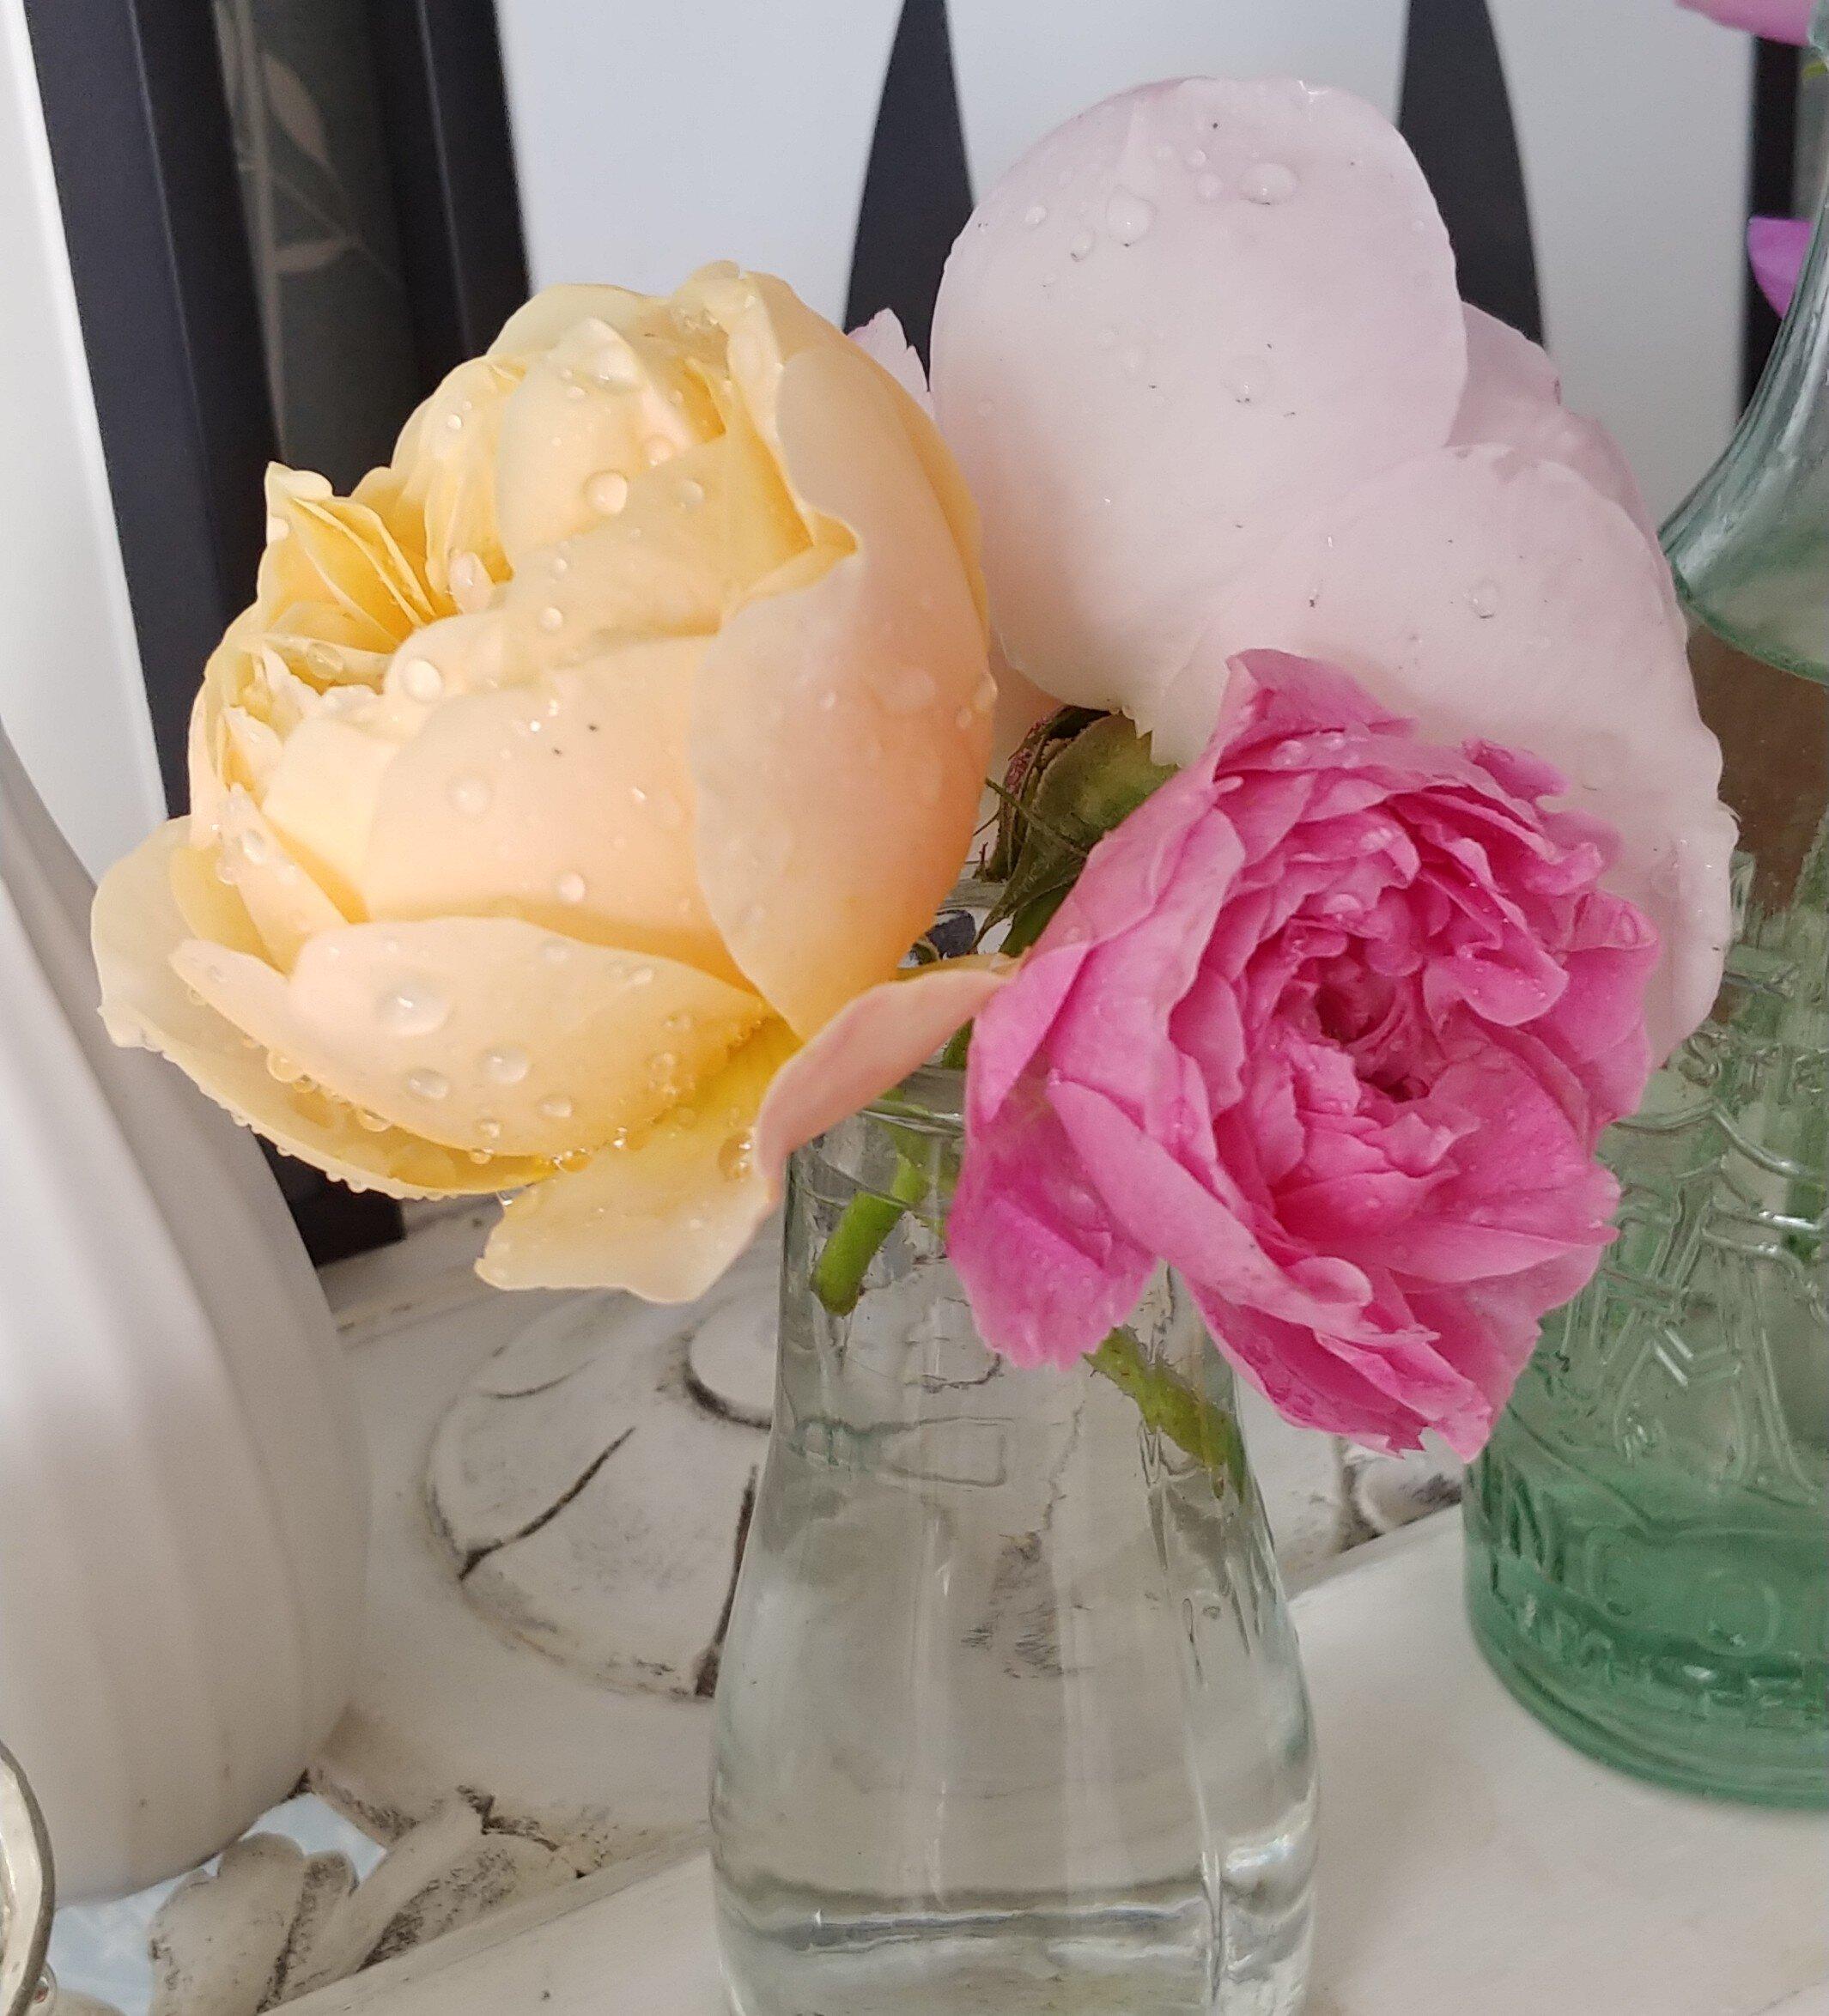 STN-Raised-Beds-Cut-Flower-Garden-Mantelpiece